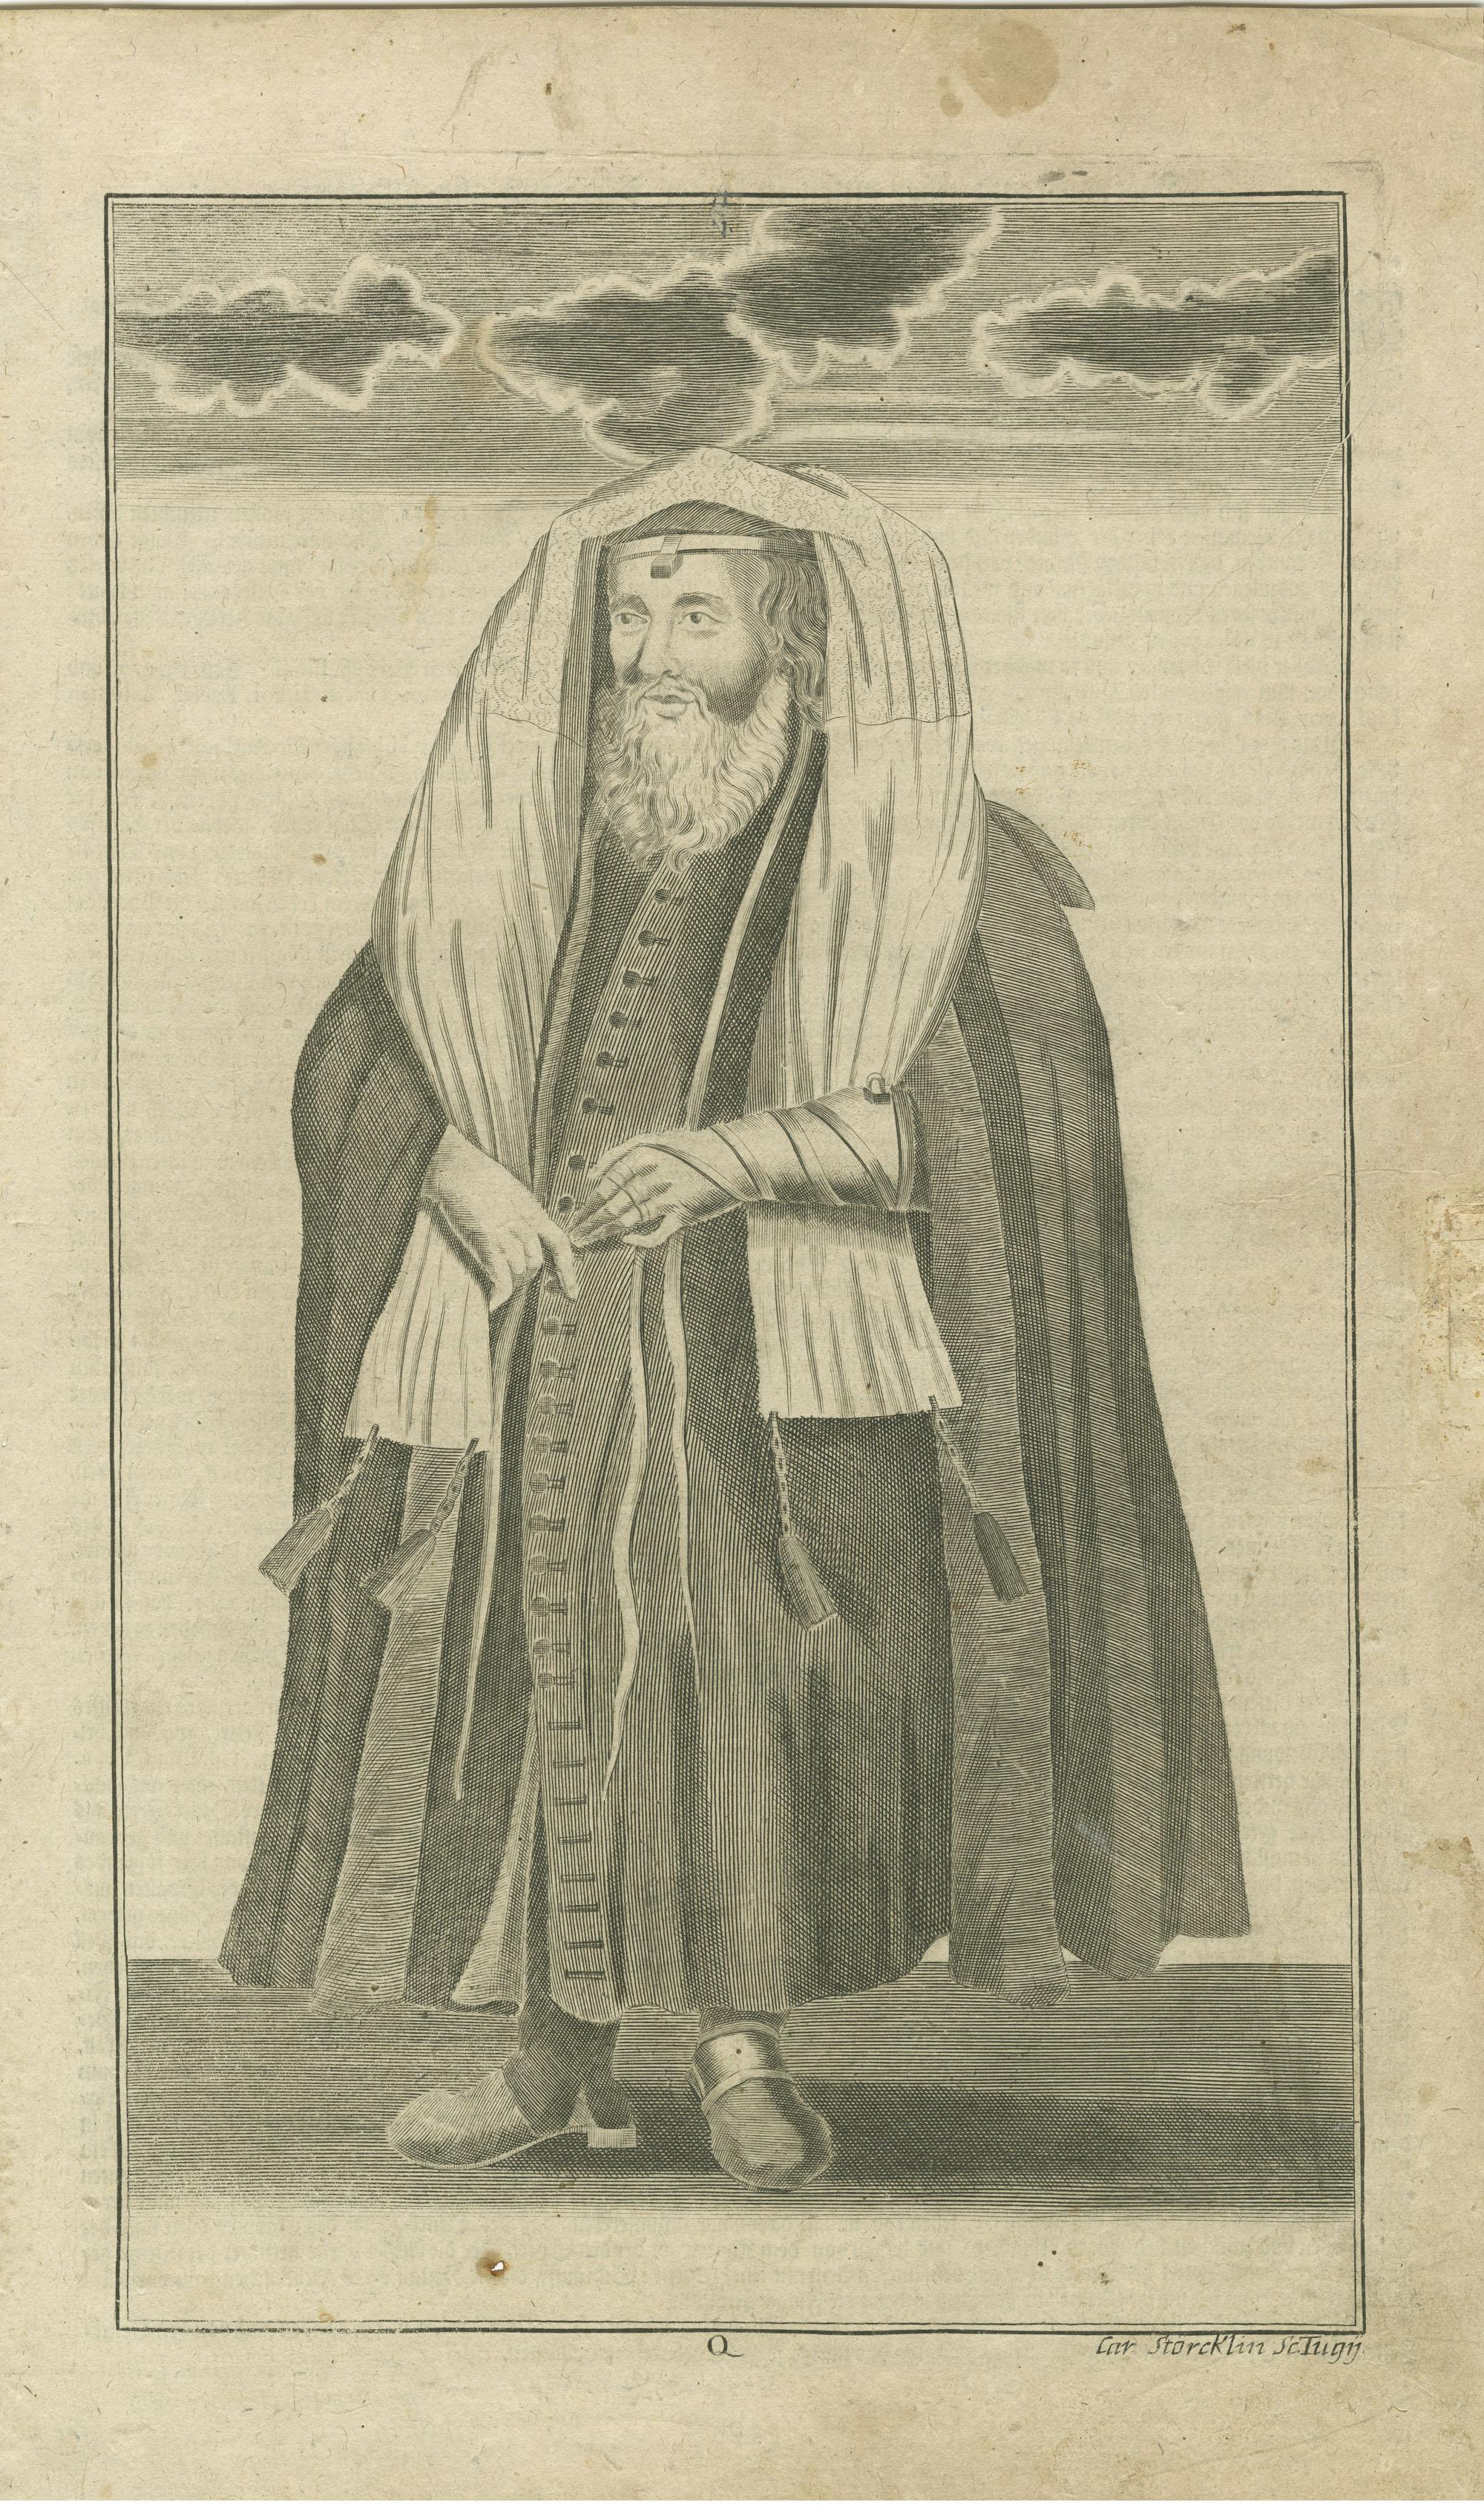 Betrachtung über einen in seiner Kleidung abgebildeten Pharisäer